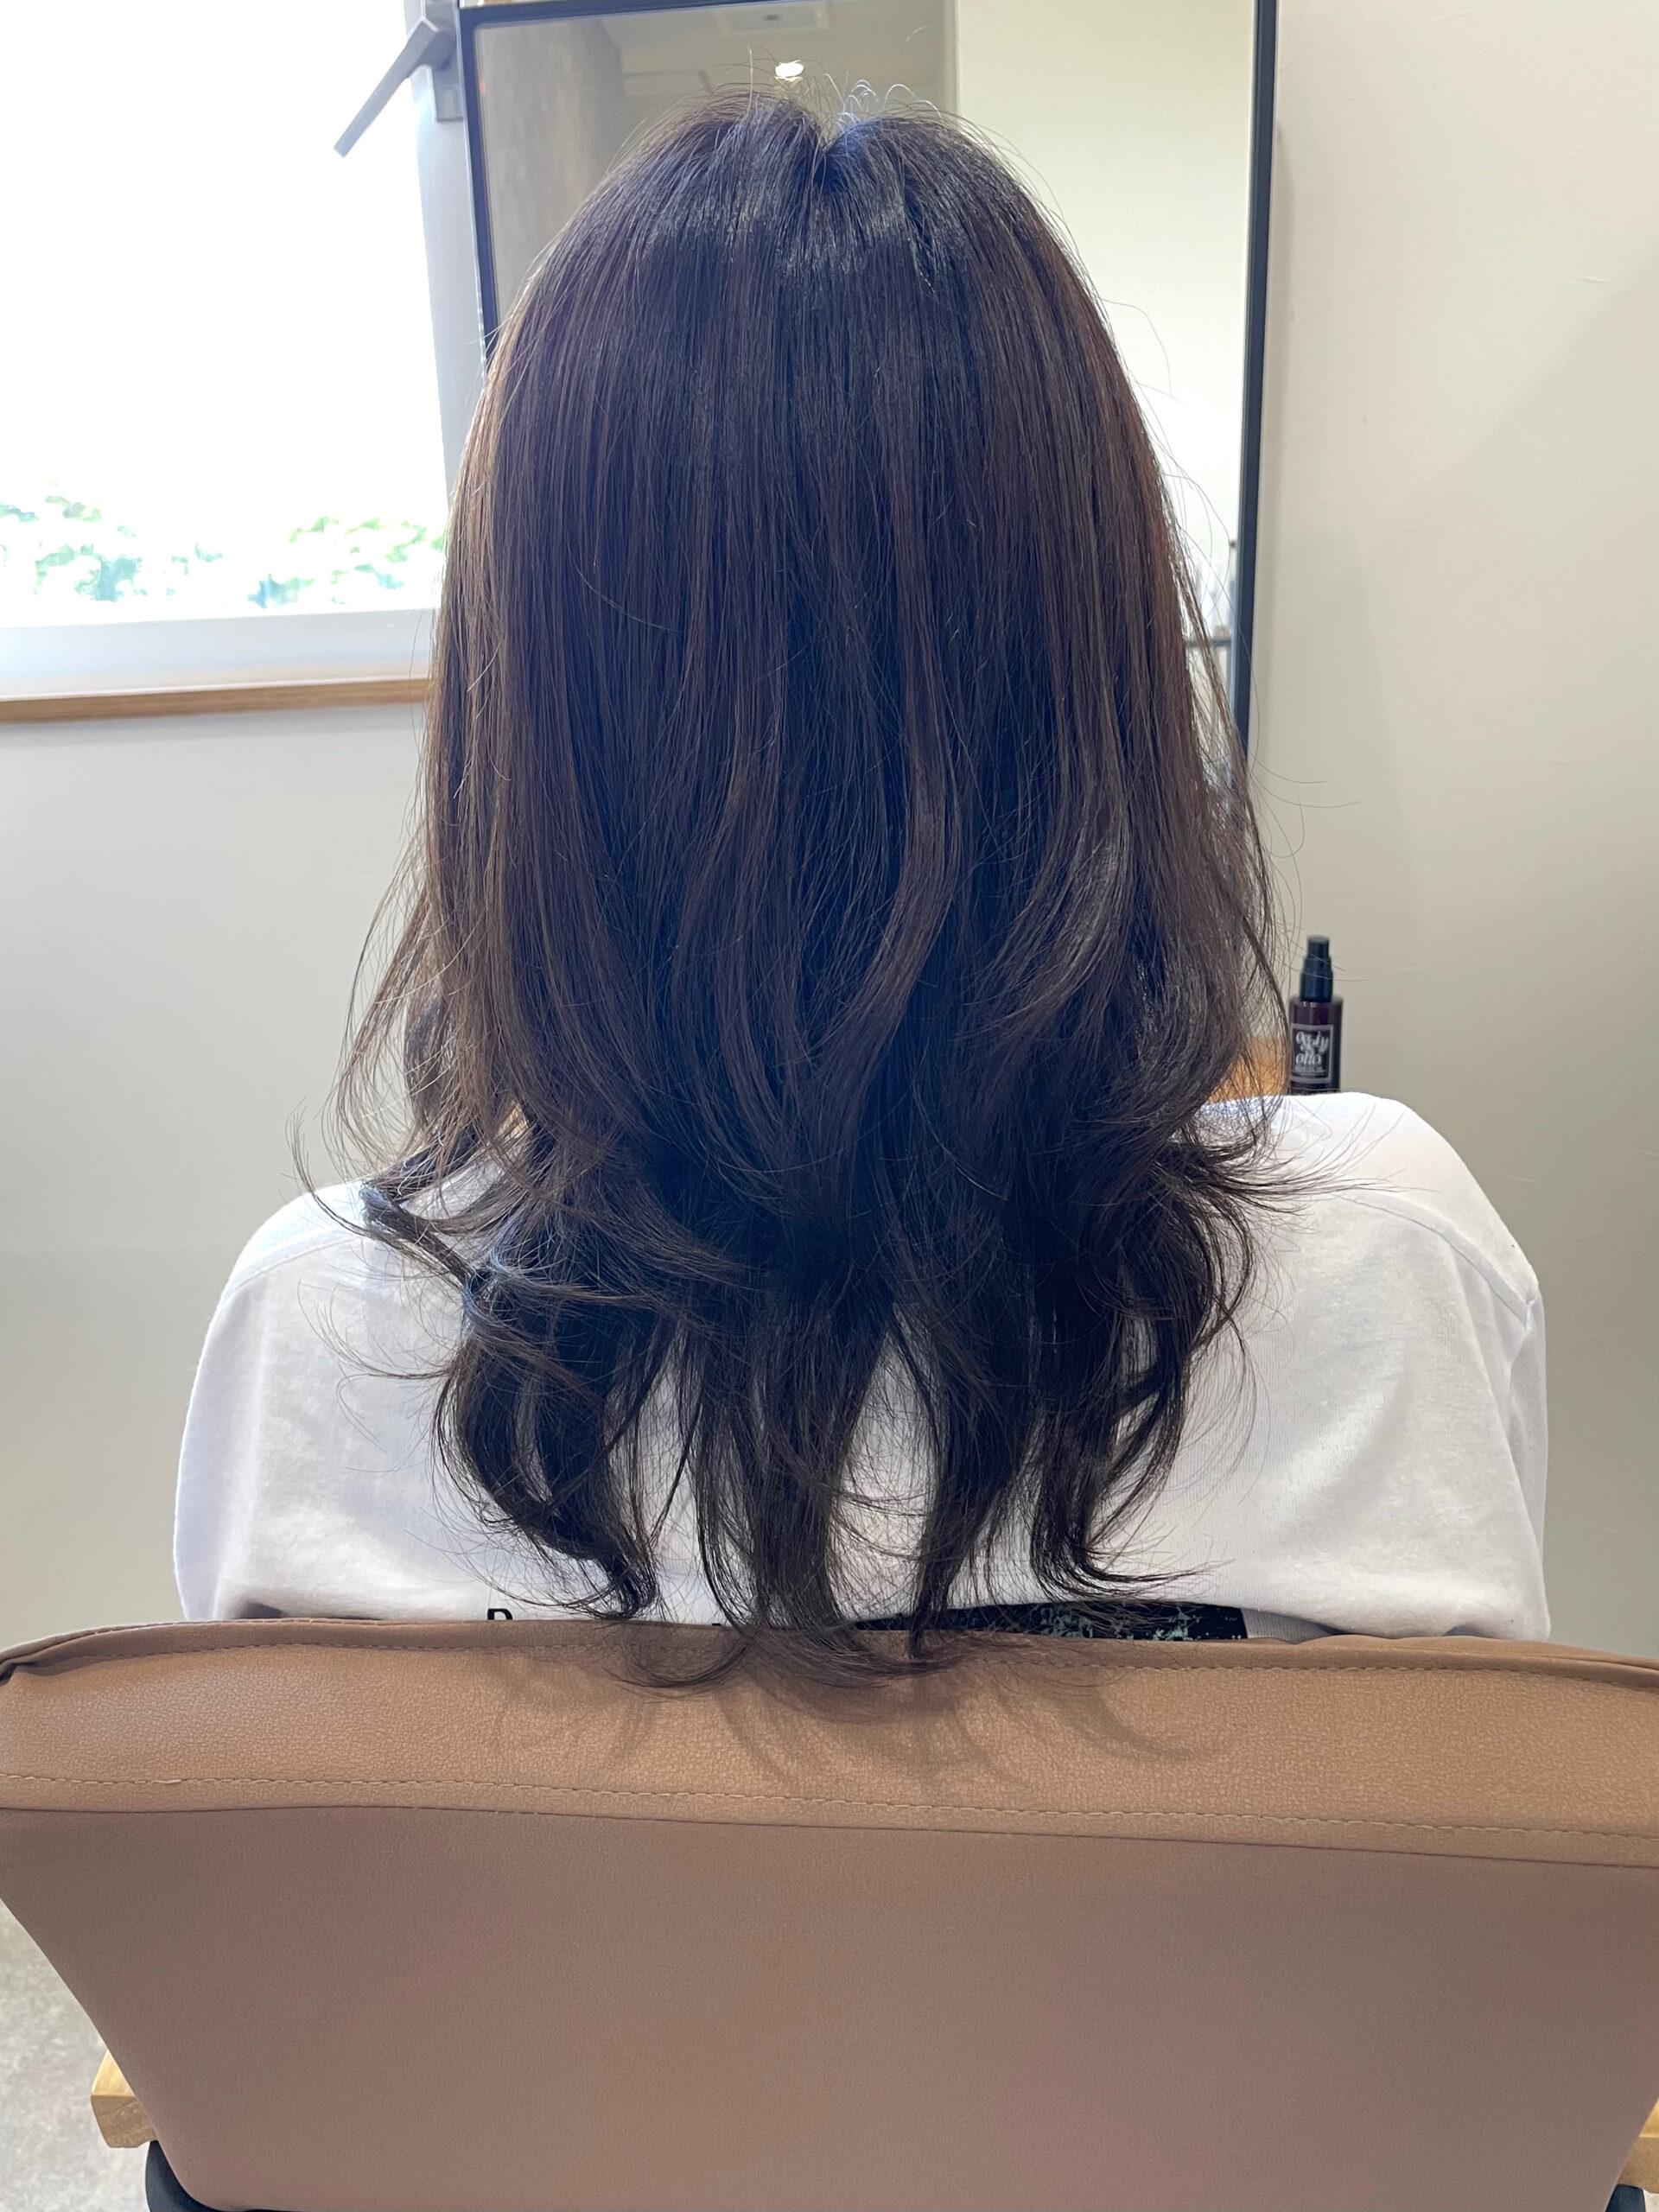 大分県別府市 明るく抜けやすい髪質の方にオススメのヘアカラー『暗めアッシュグレージュ』 アフター